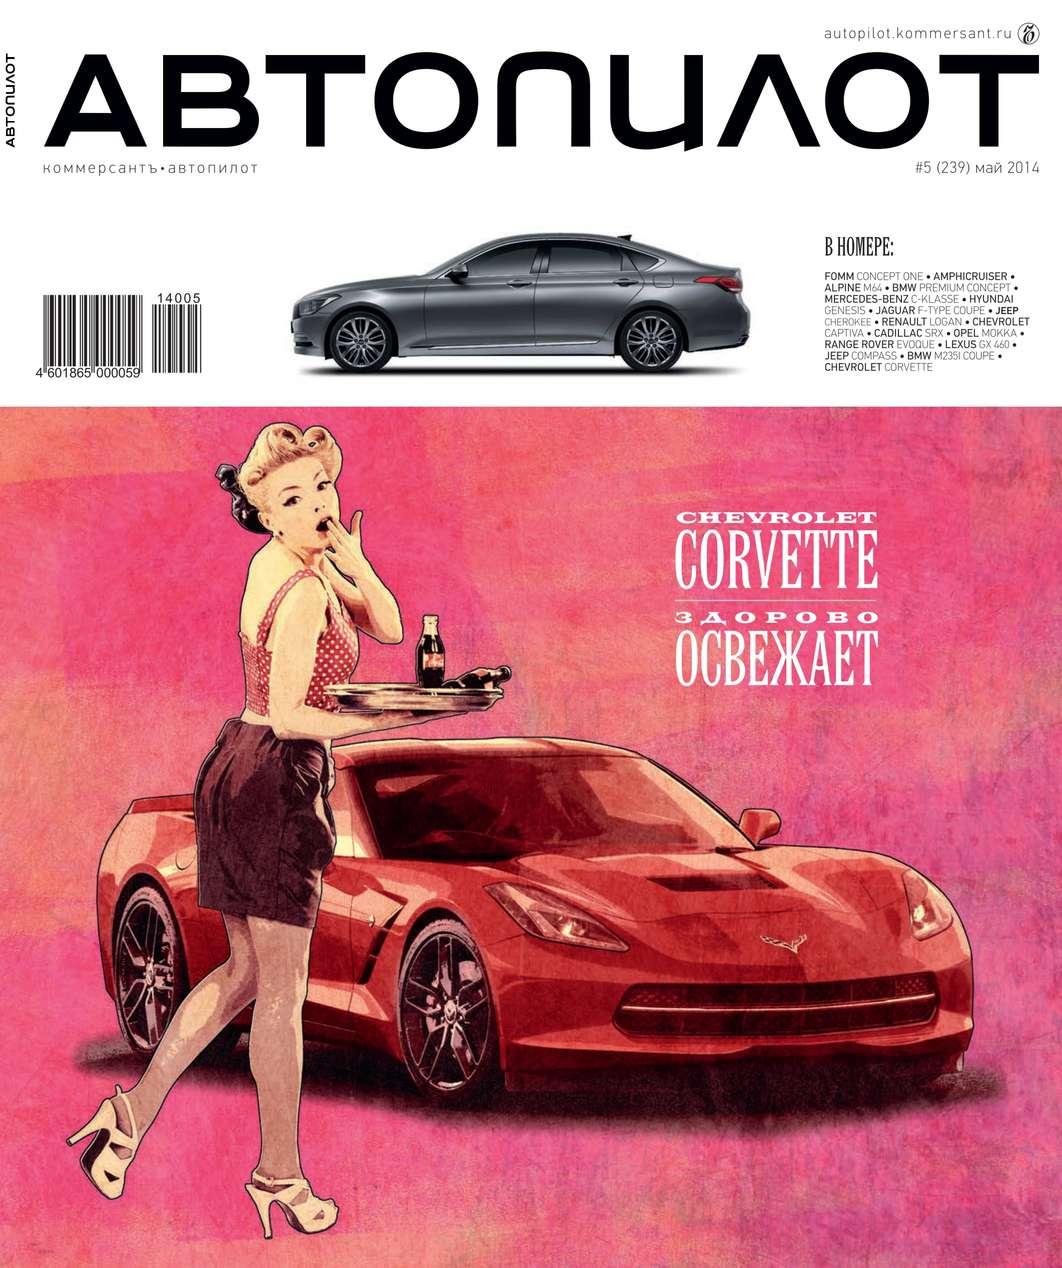 Редакция журнала Автопилот Автопилот 05-2014 новости для автомобилистов 2016